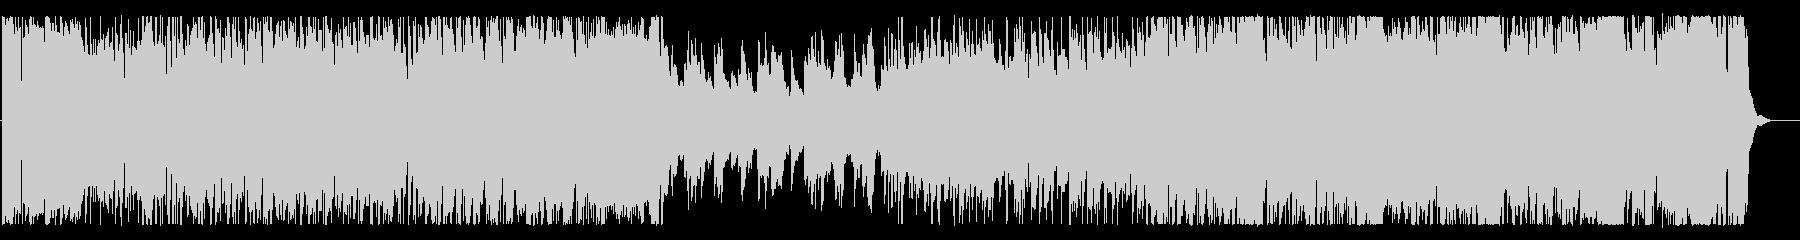 16ビートの3拍子フュージョンの未再生の波形